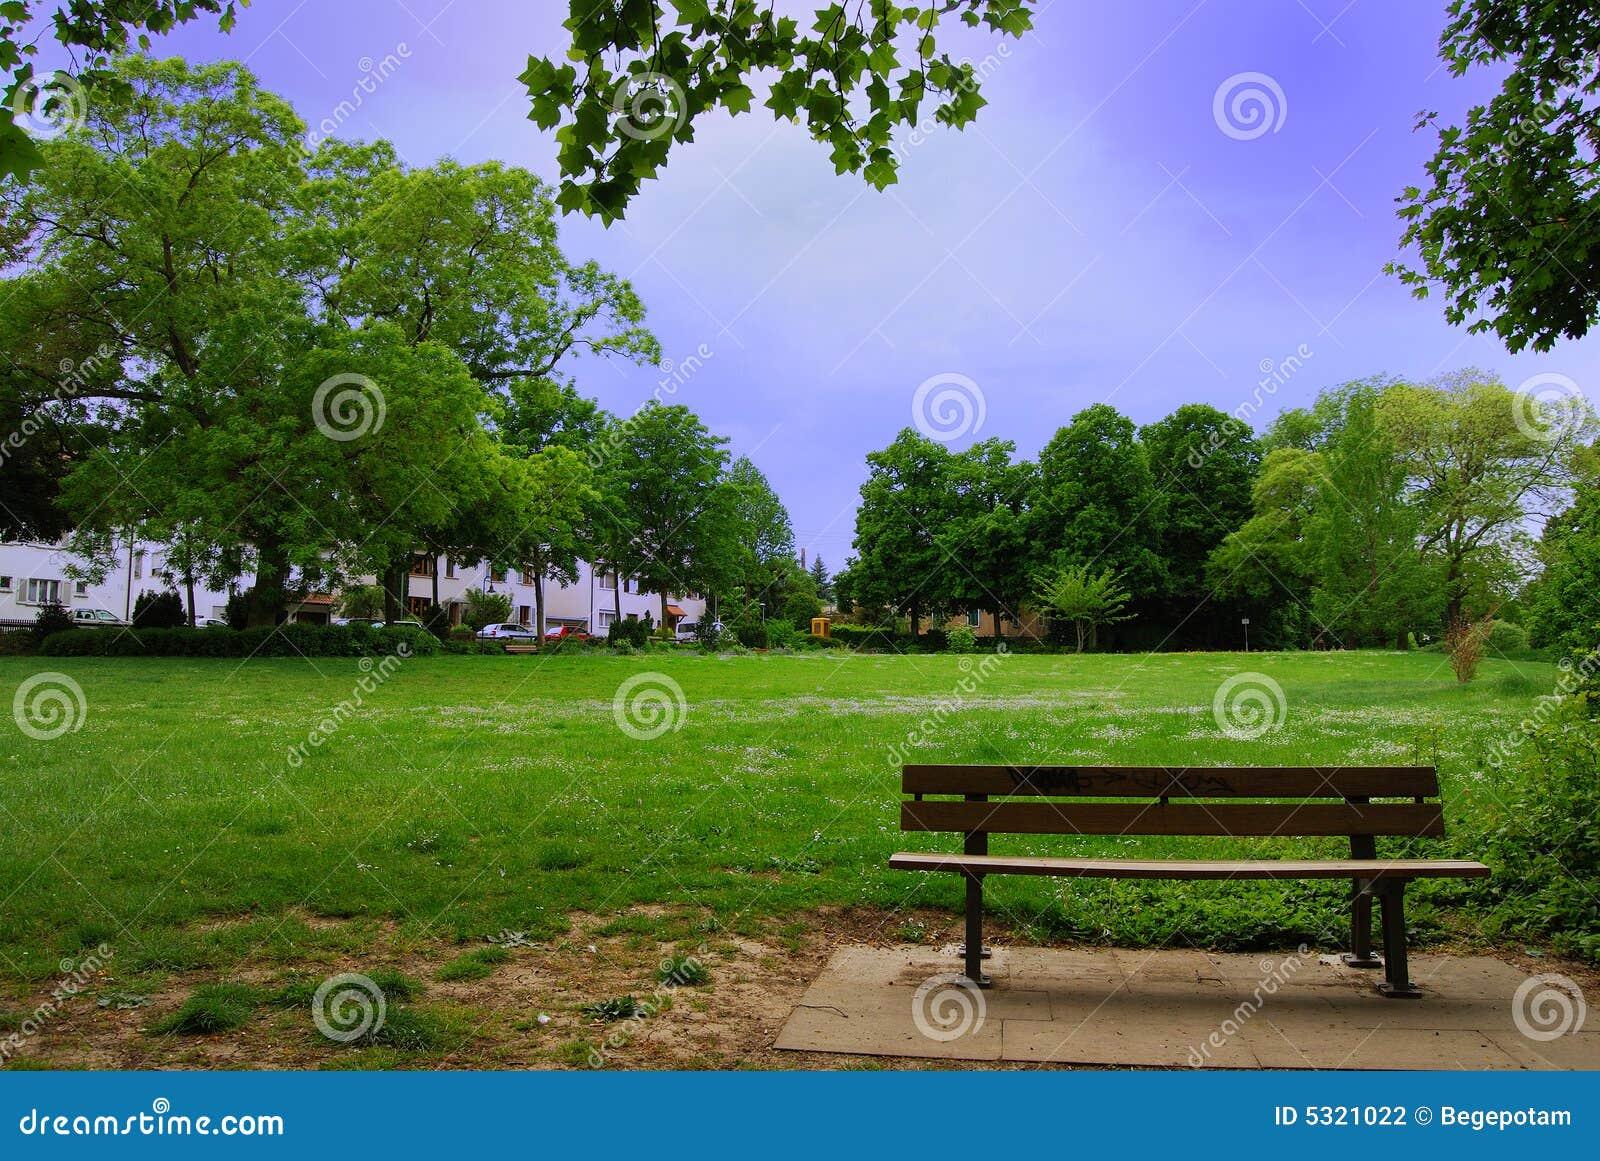 Download Banco solo nella sosta fotografia stock. Immagine di parco - 5321022